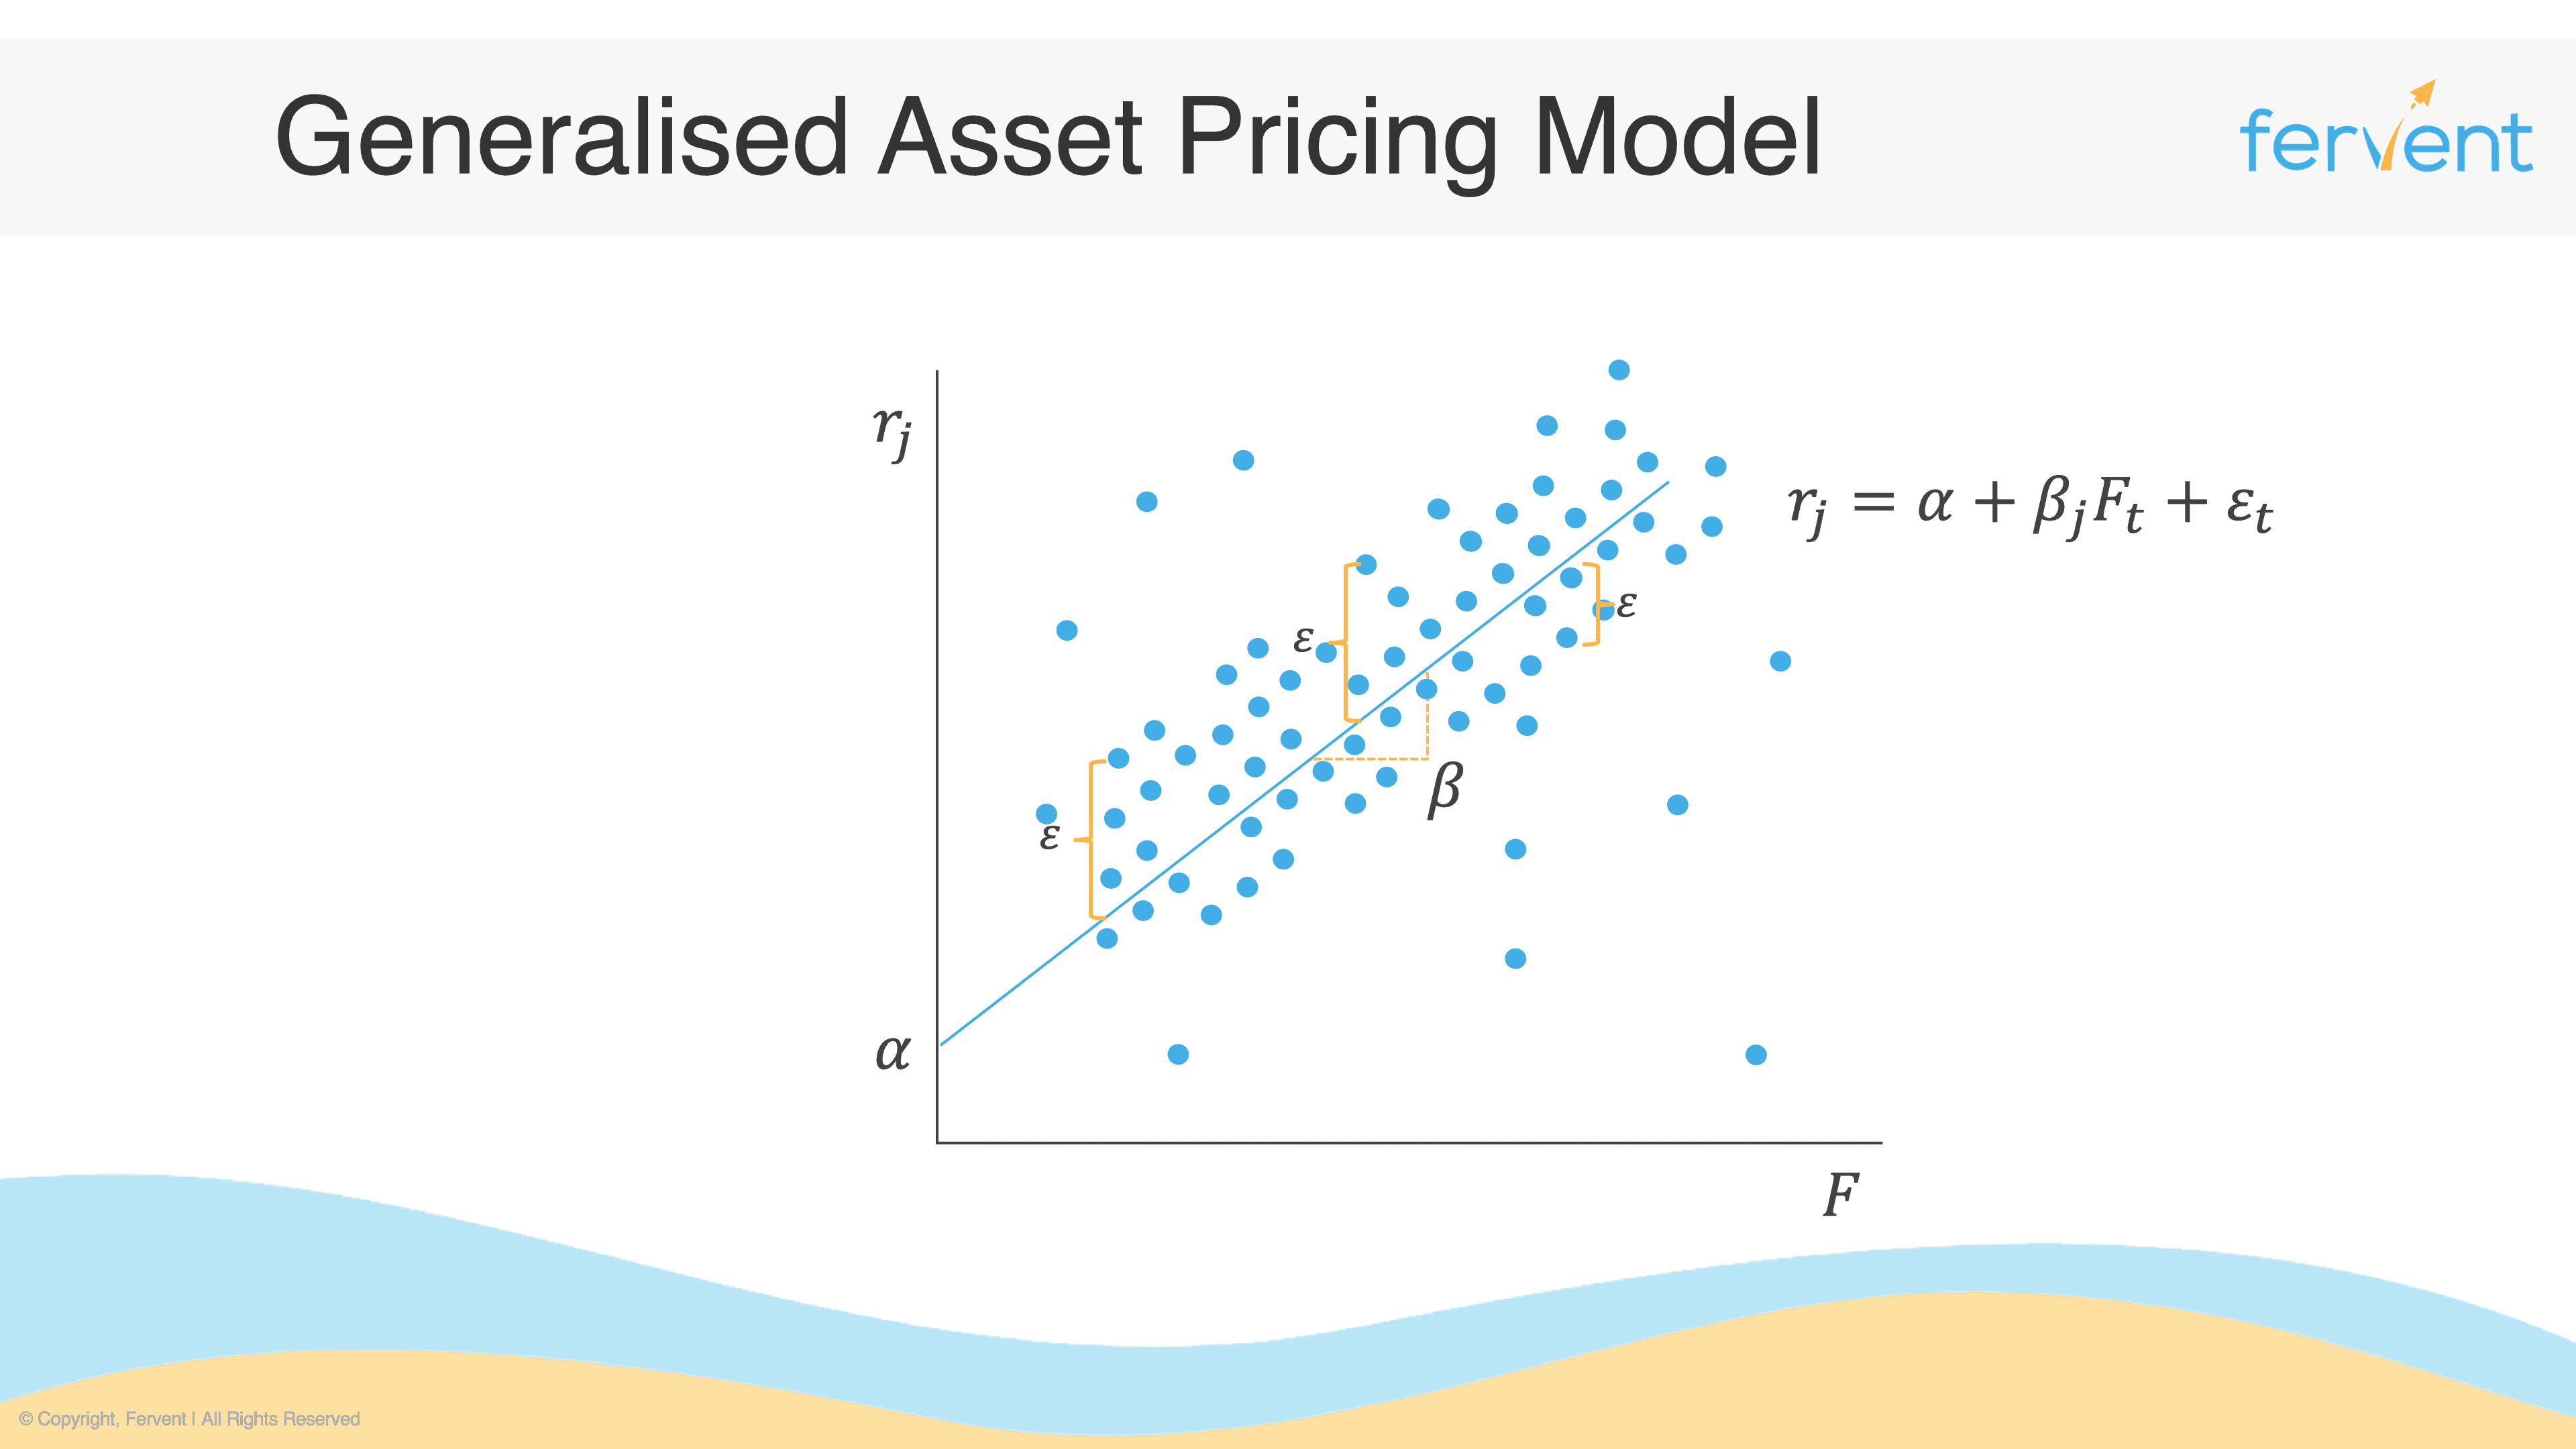 Slide showing generalised asset pricing model